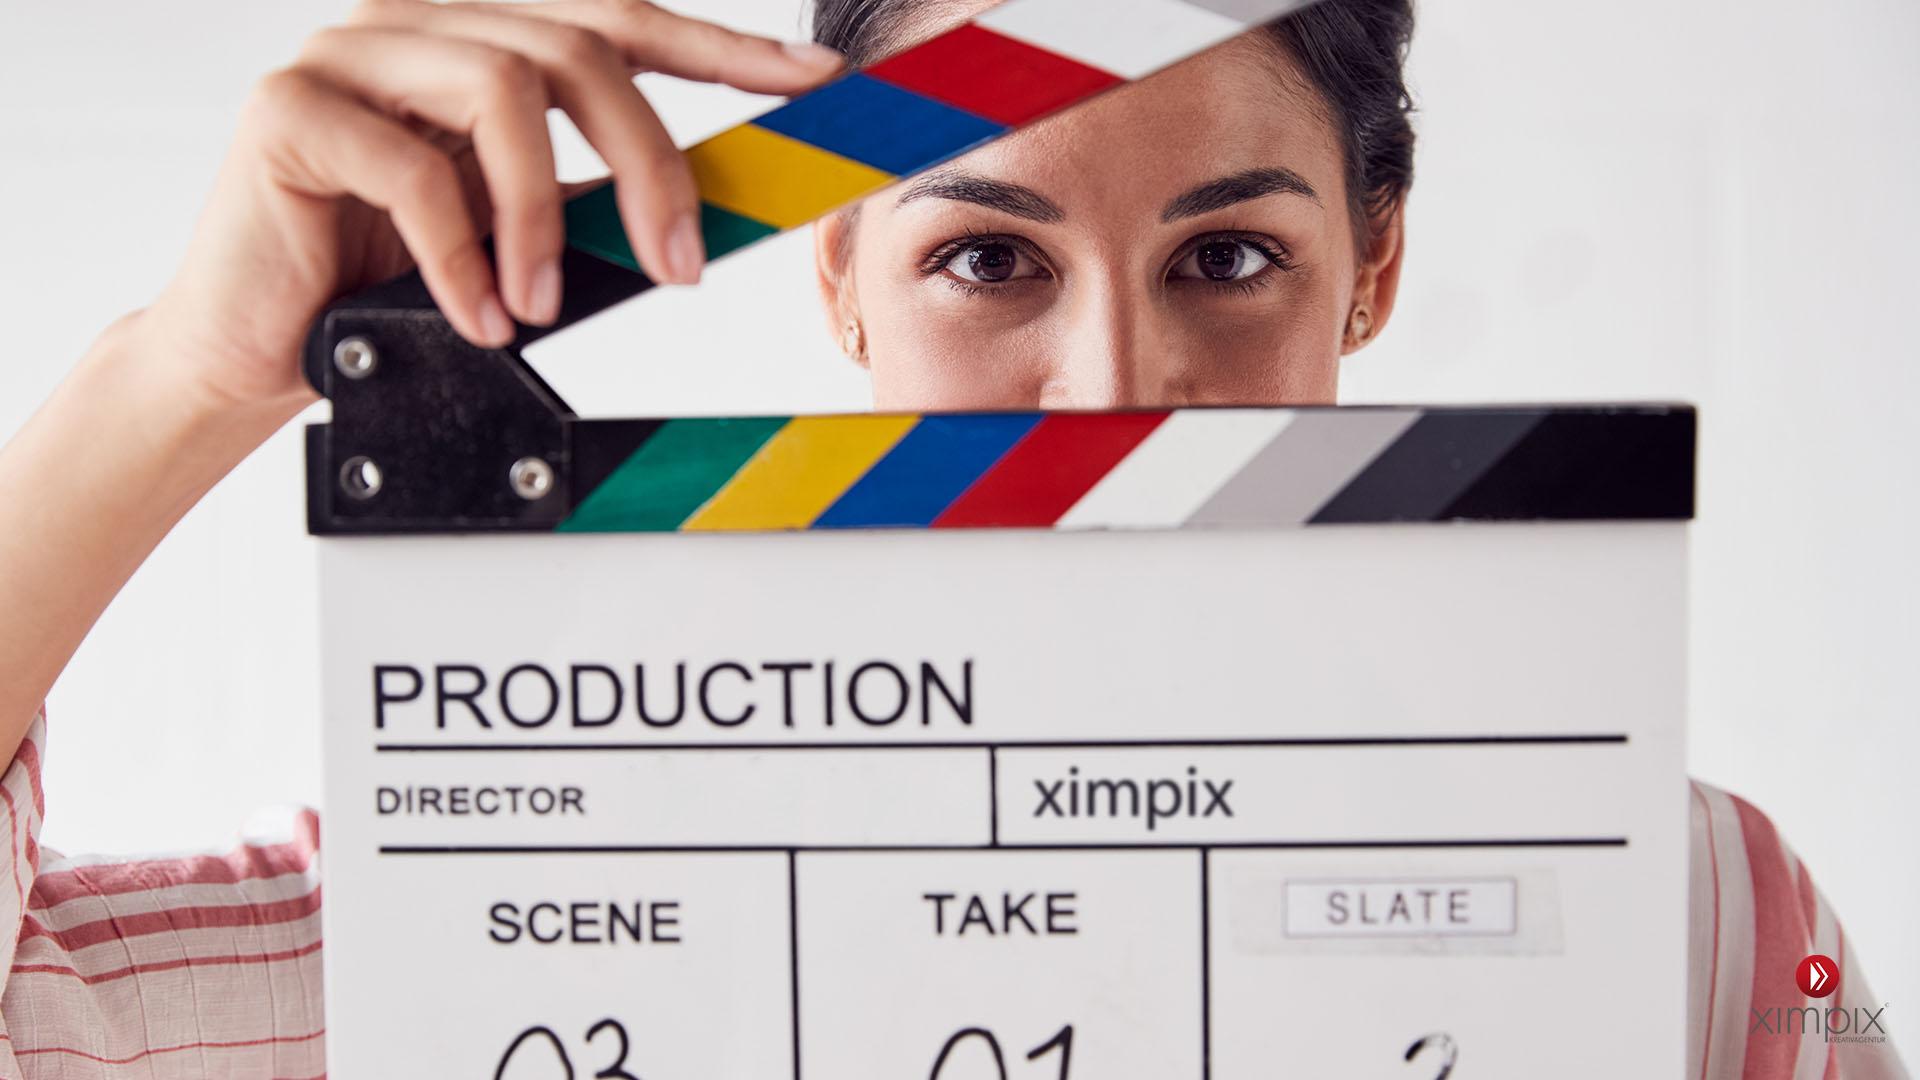 Filmlexikon